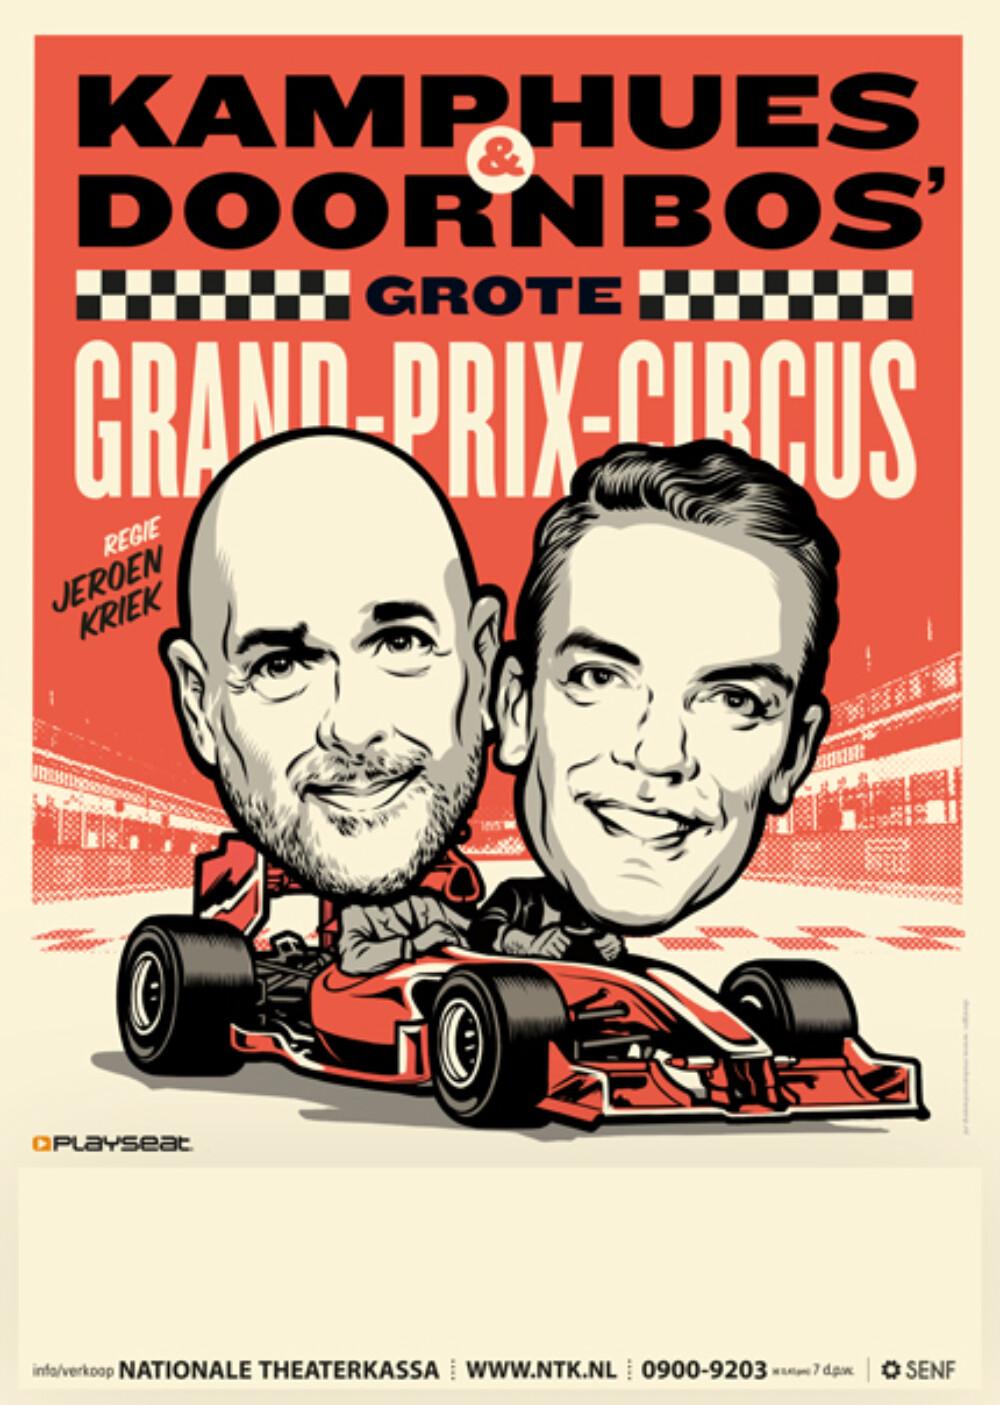 Rob Kamphues - Grand Prix Circus